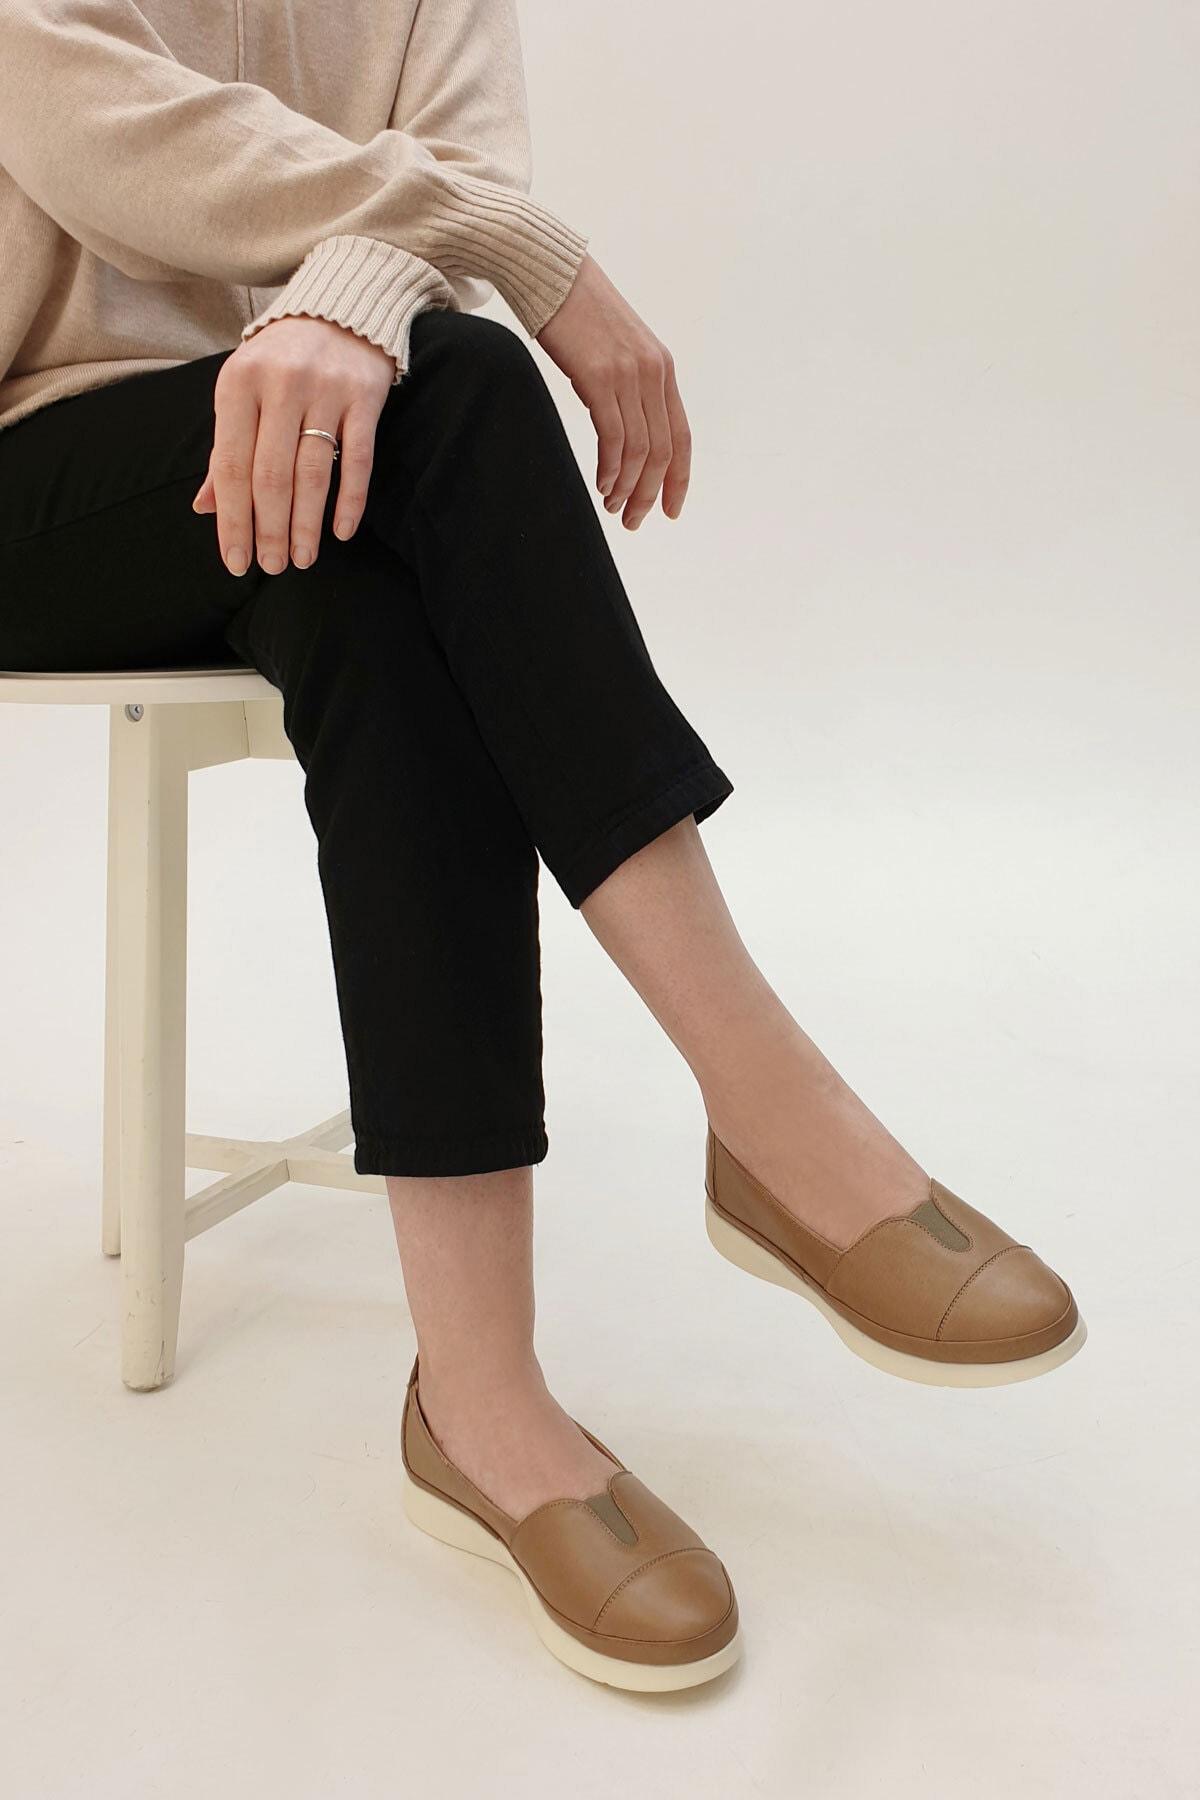 Marjin Meyza Kadın Hakiki Deri Comfort Ayakkabıvizon